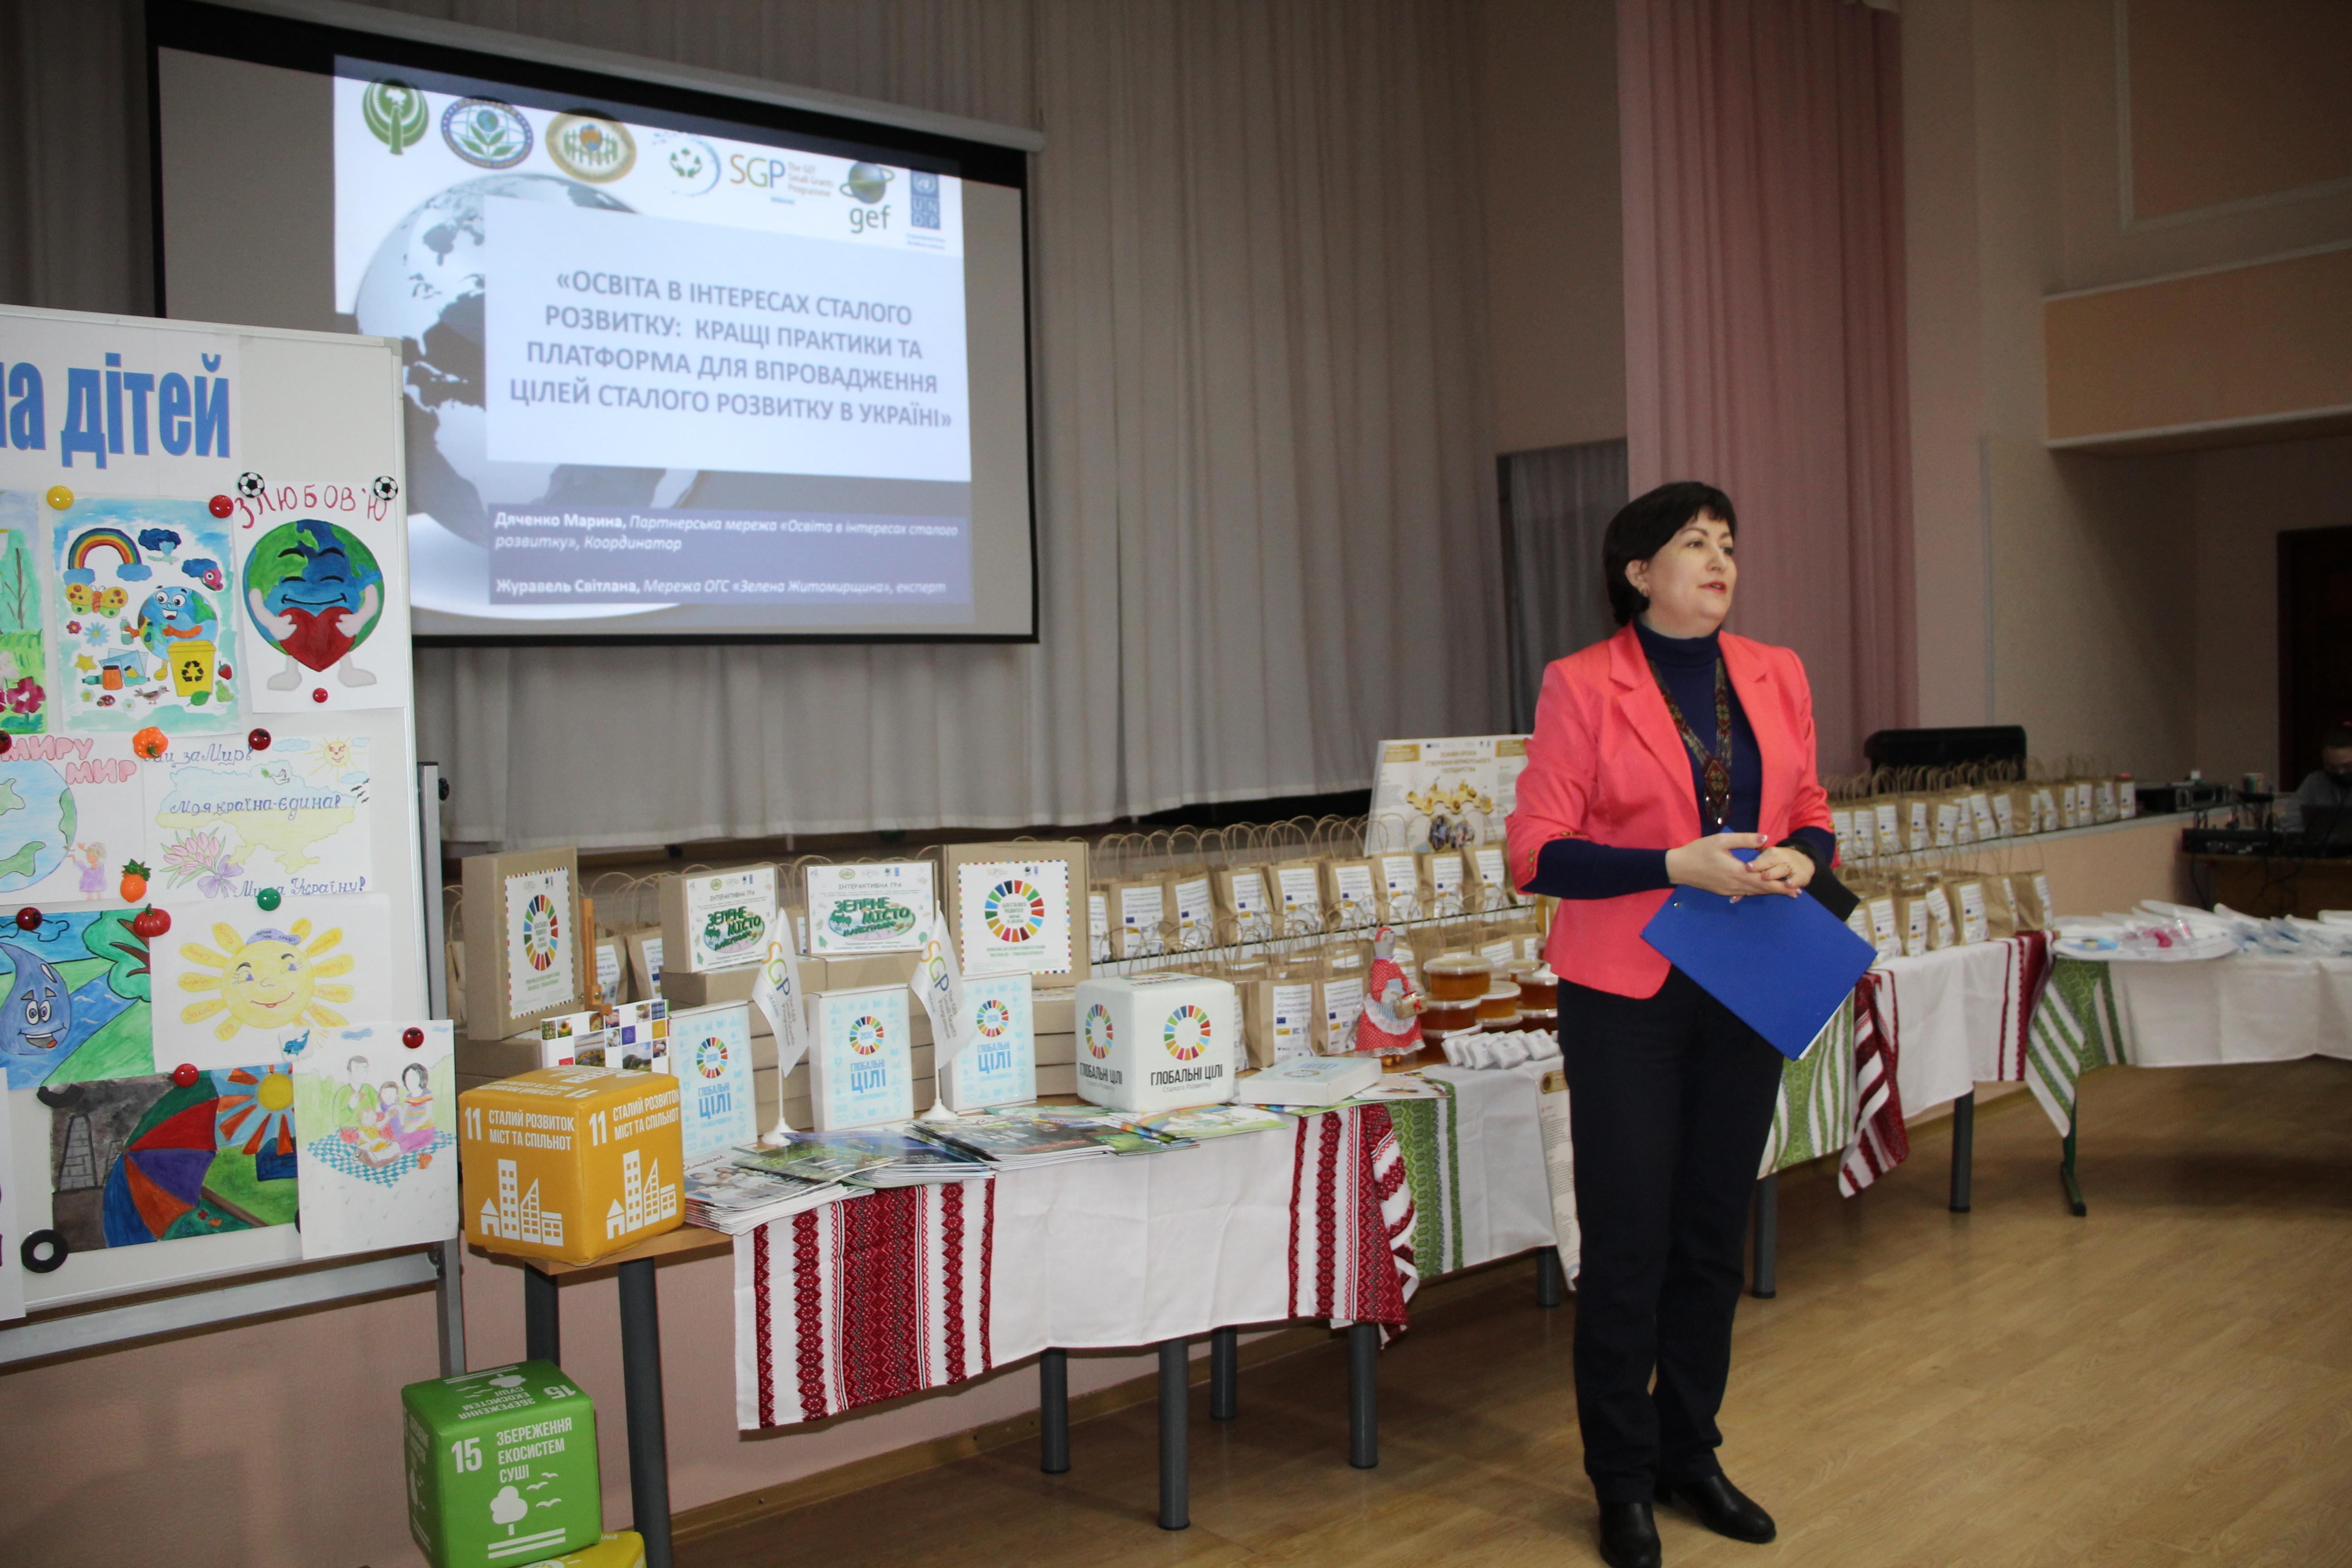 У Покровському НВК 1 пройшла презентація Партнерської мережі «Освіта в інтересах сталого розвитку в Україні», фото-2